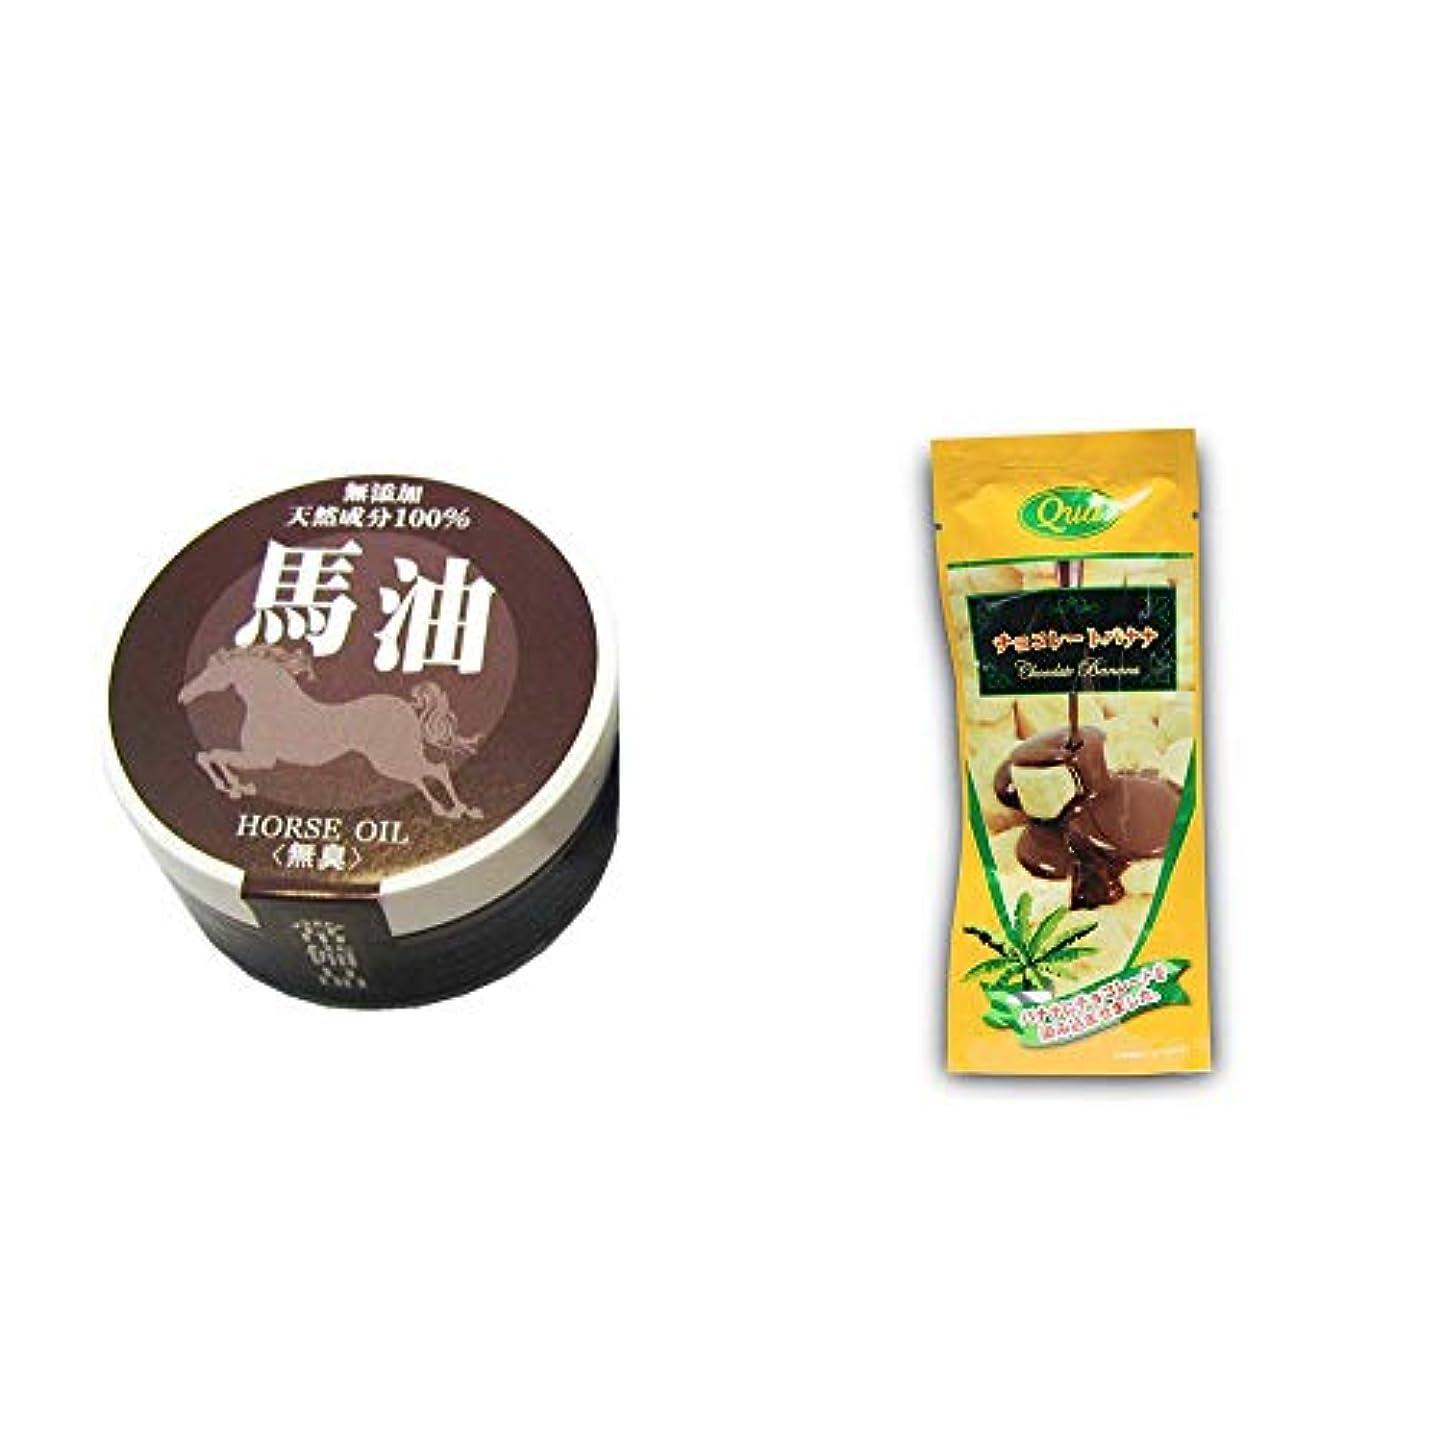 ご飯仕方後方[2点セット] 無添加天然成分100% 馬油[無香料](38g)?フリーズドライ チョコレートバナナ(50g)